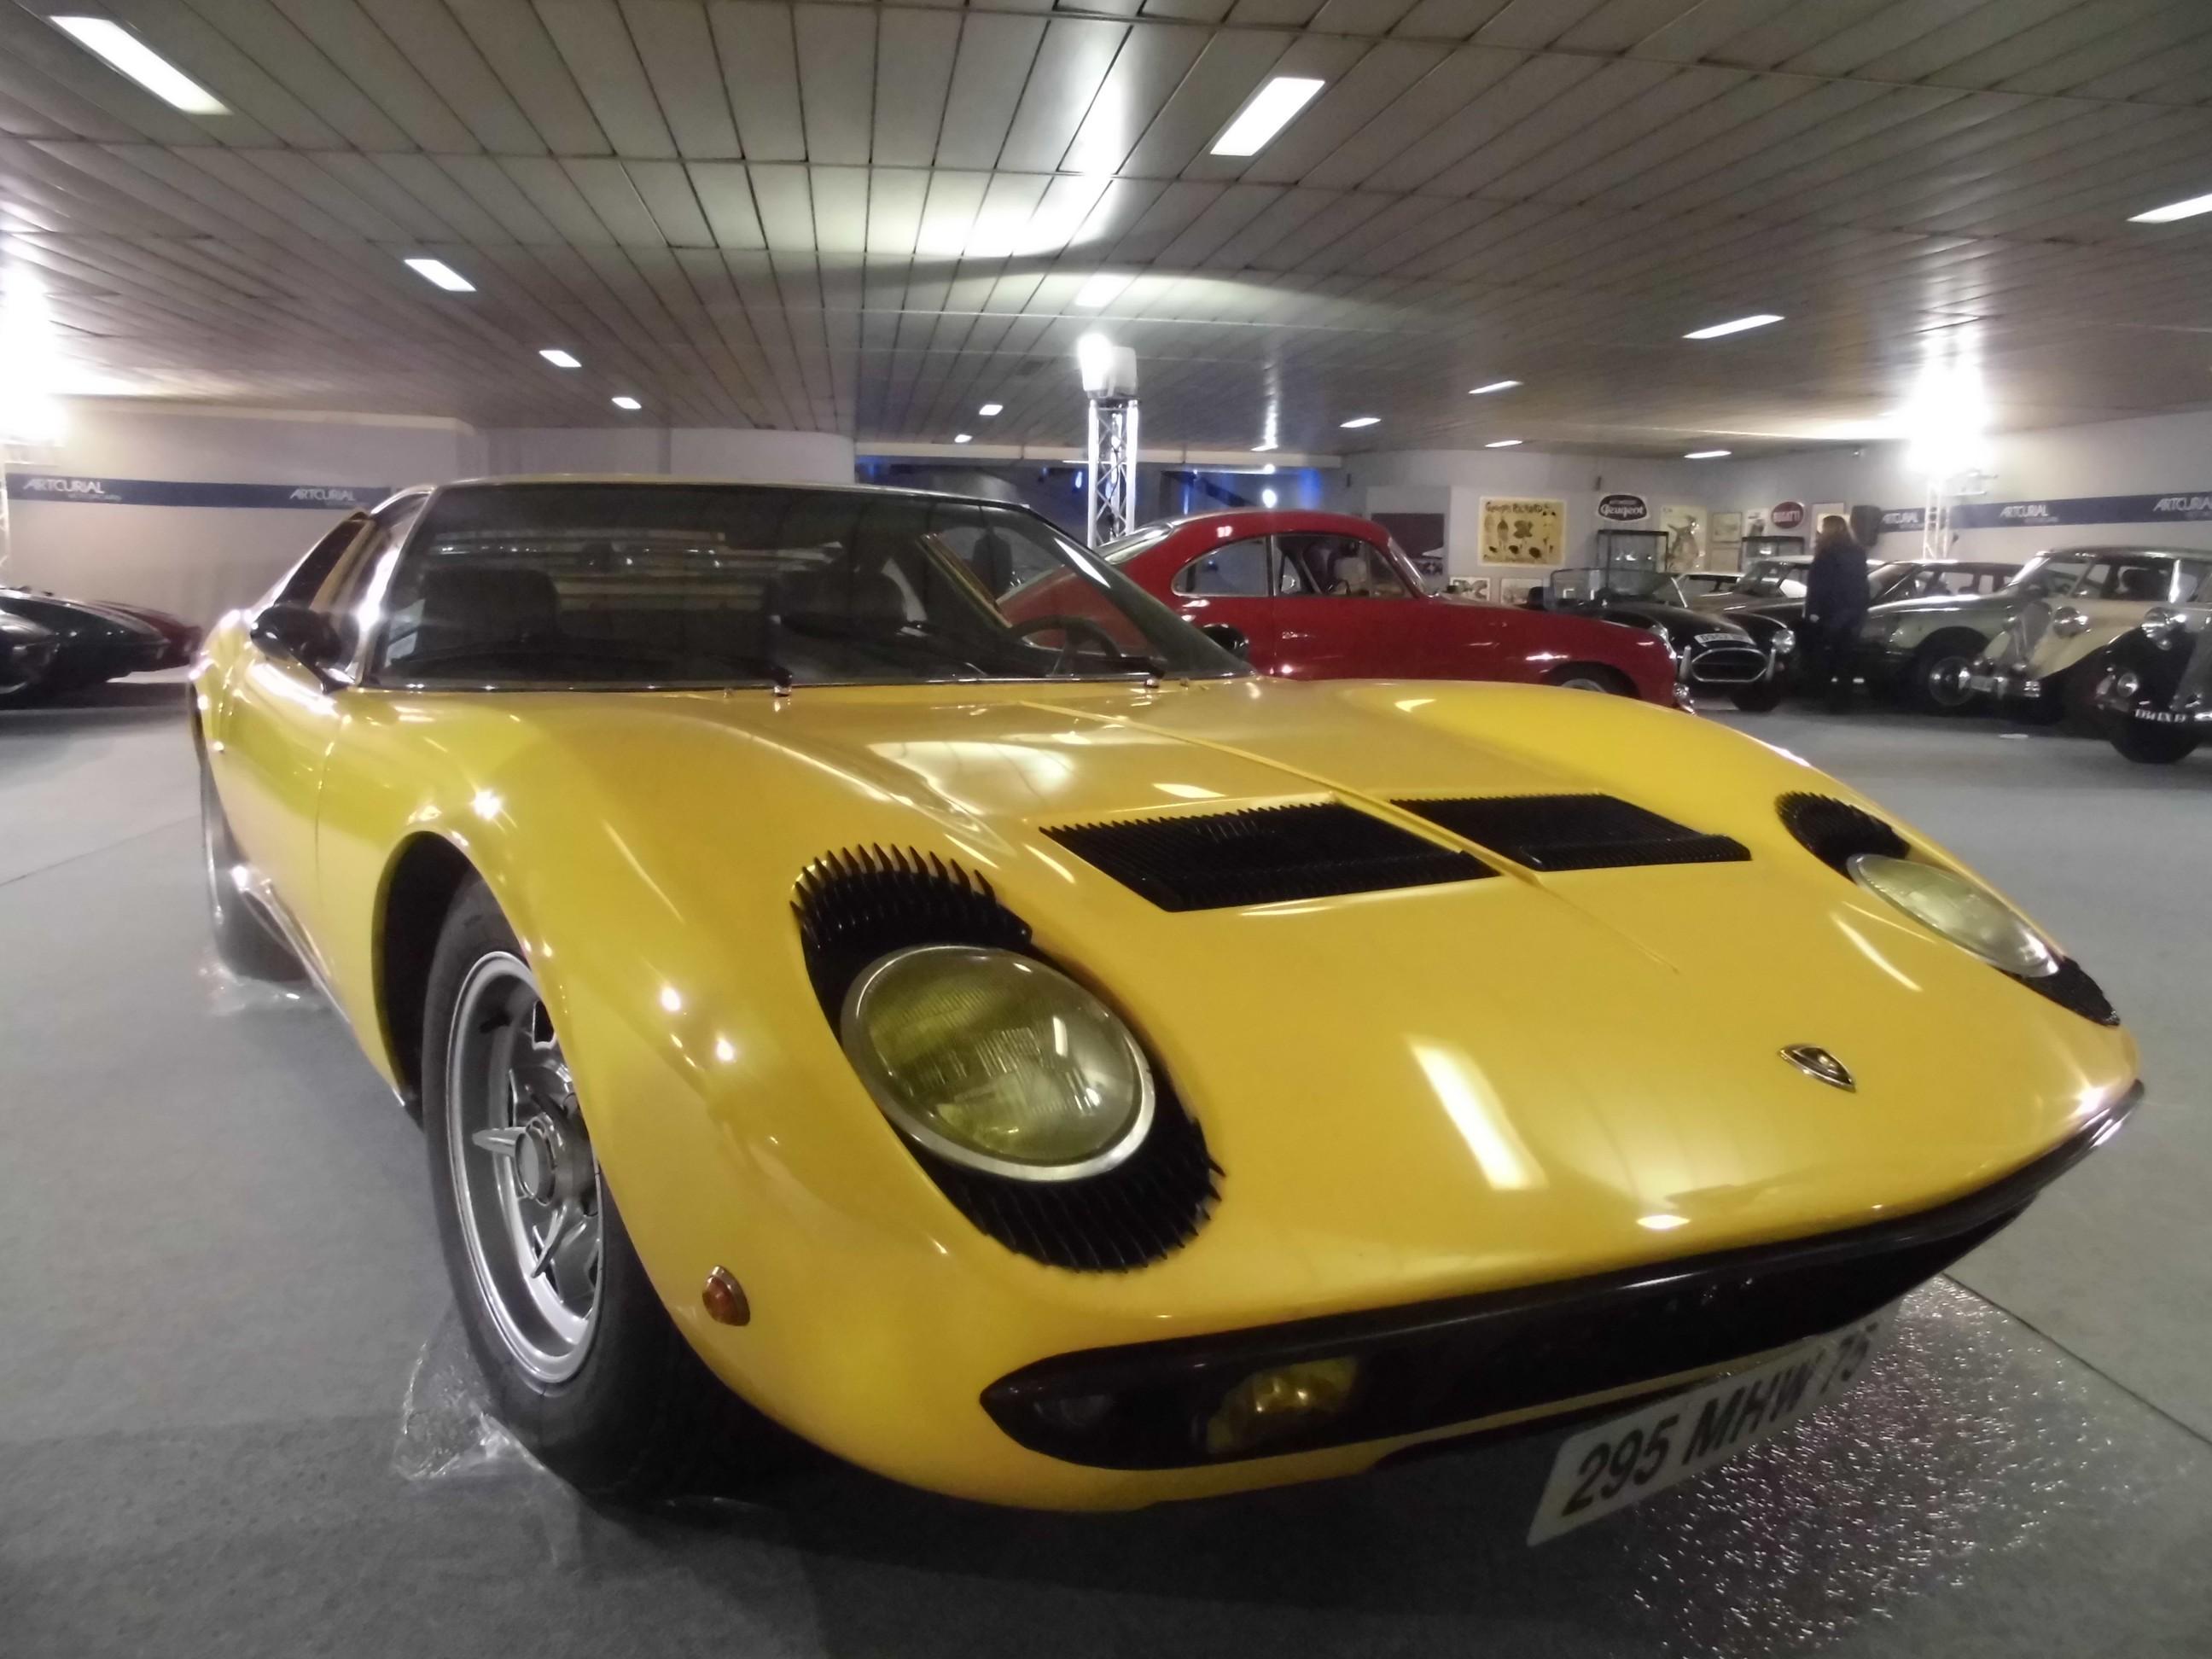 2e34f0505d Wonderful Lamborghini Countach Strohm De Rella Cars Trend